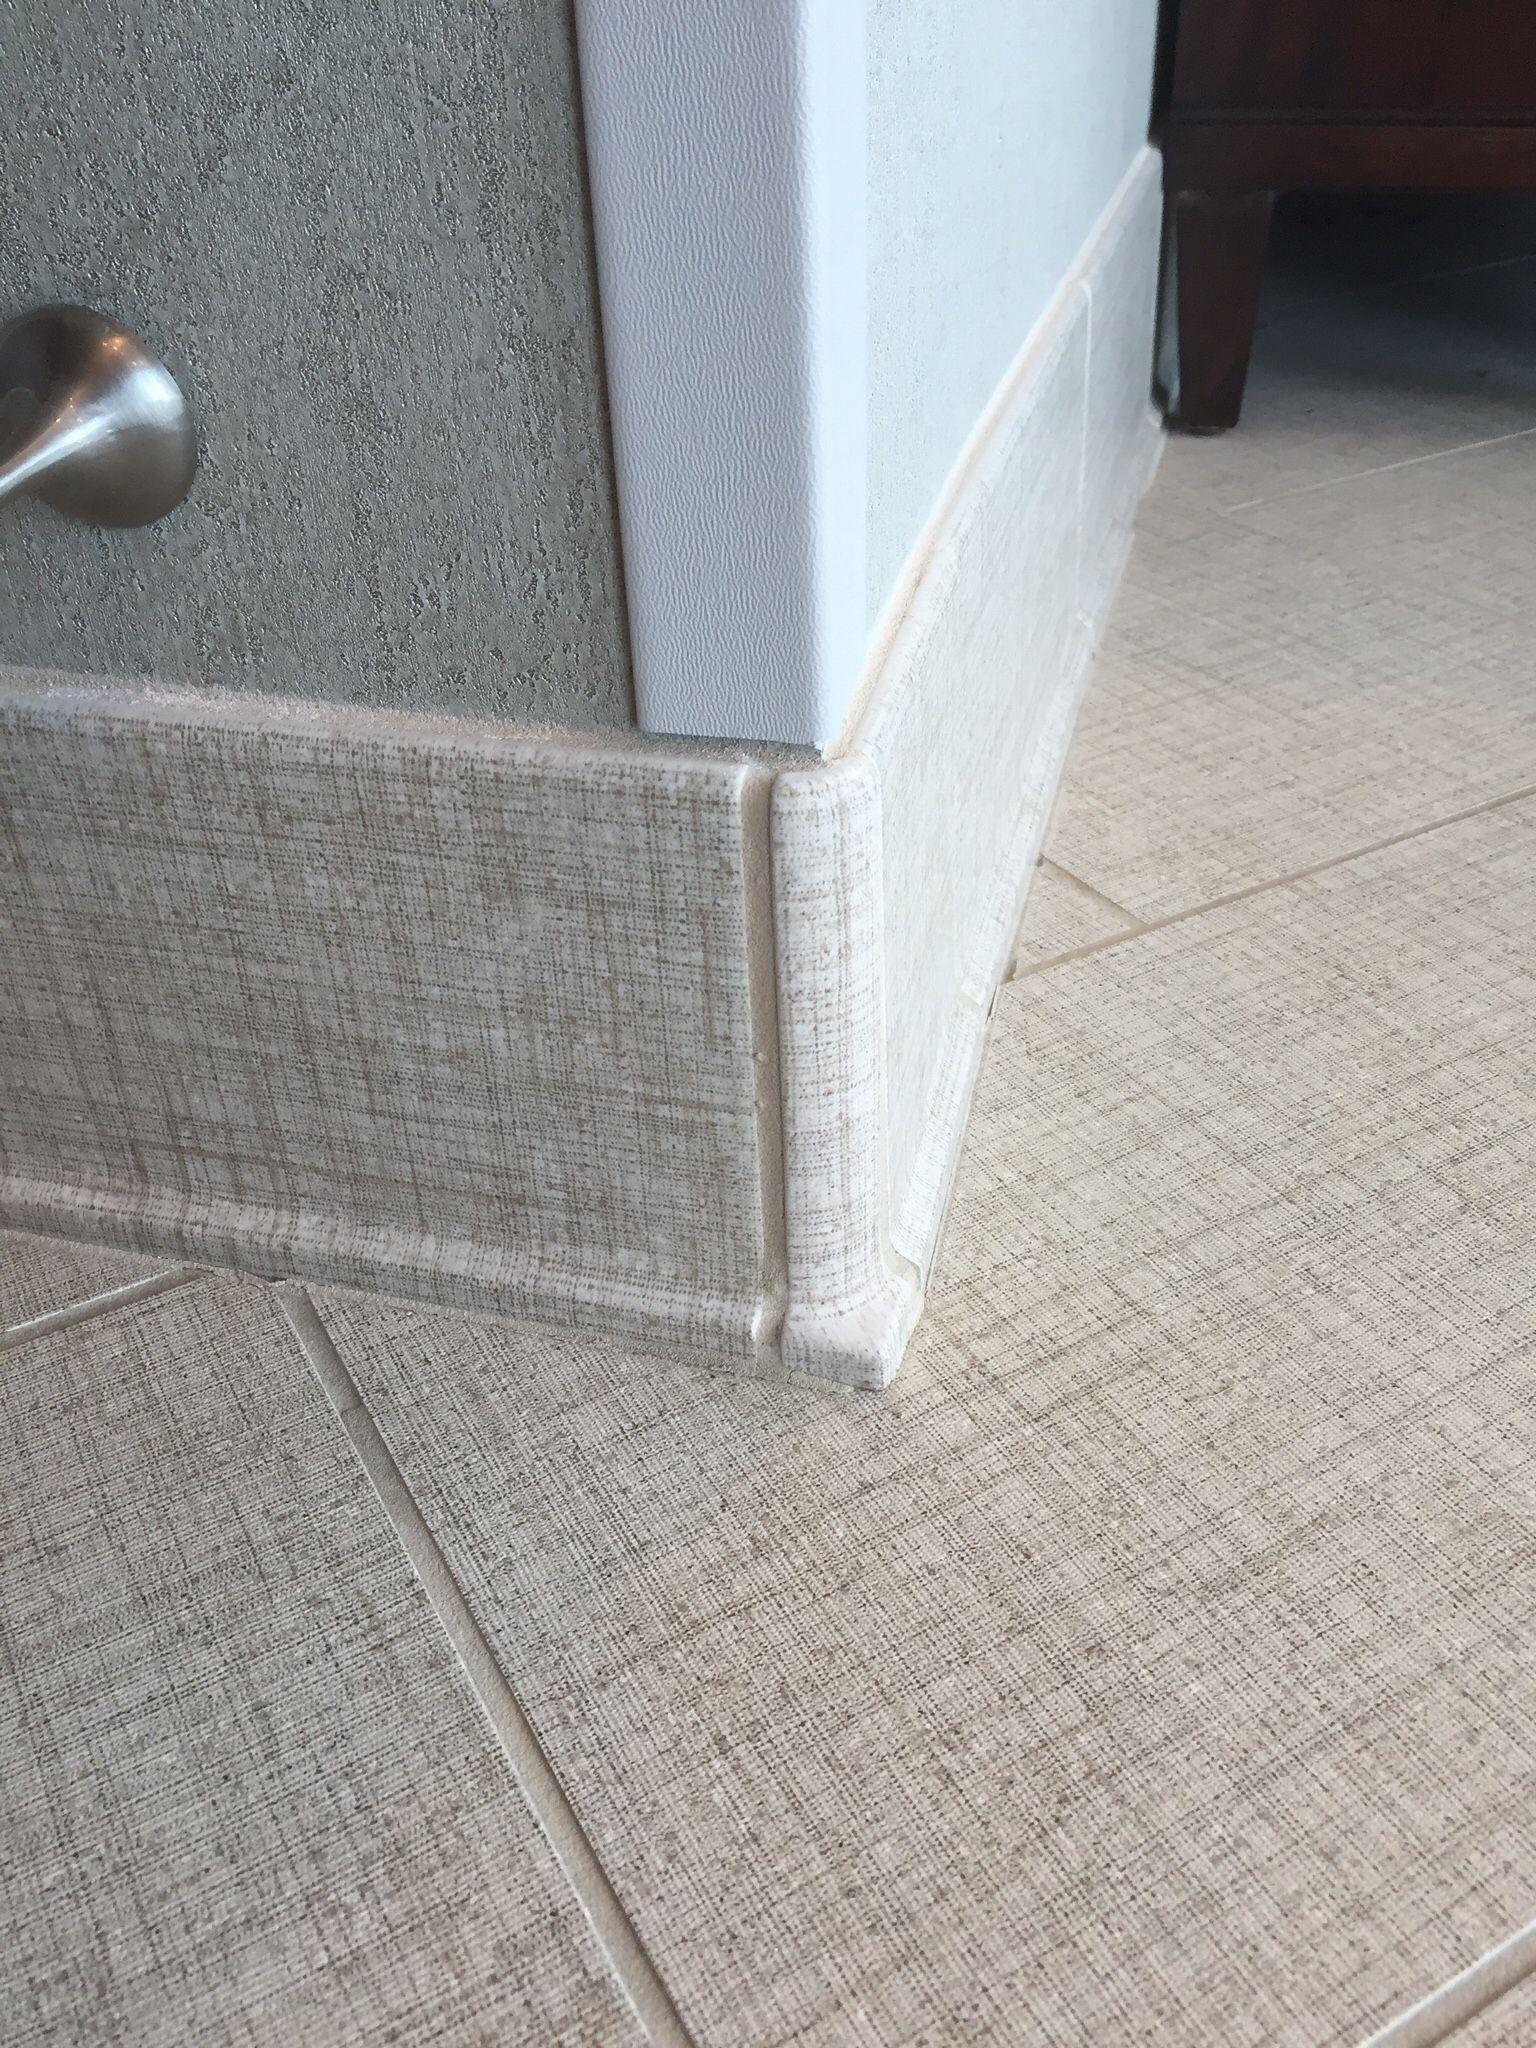 Cove Base Detail Daltile Exhibition Series Ceramic Floor Tile